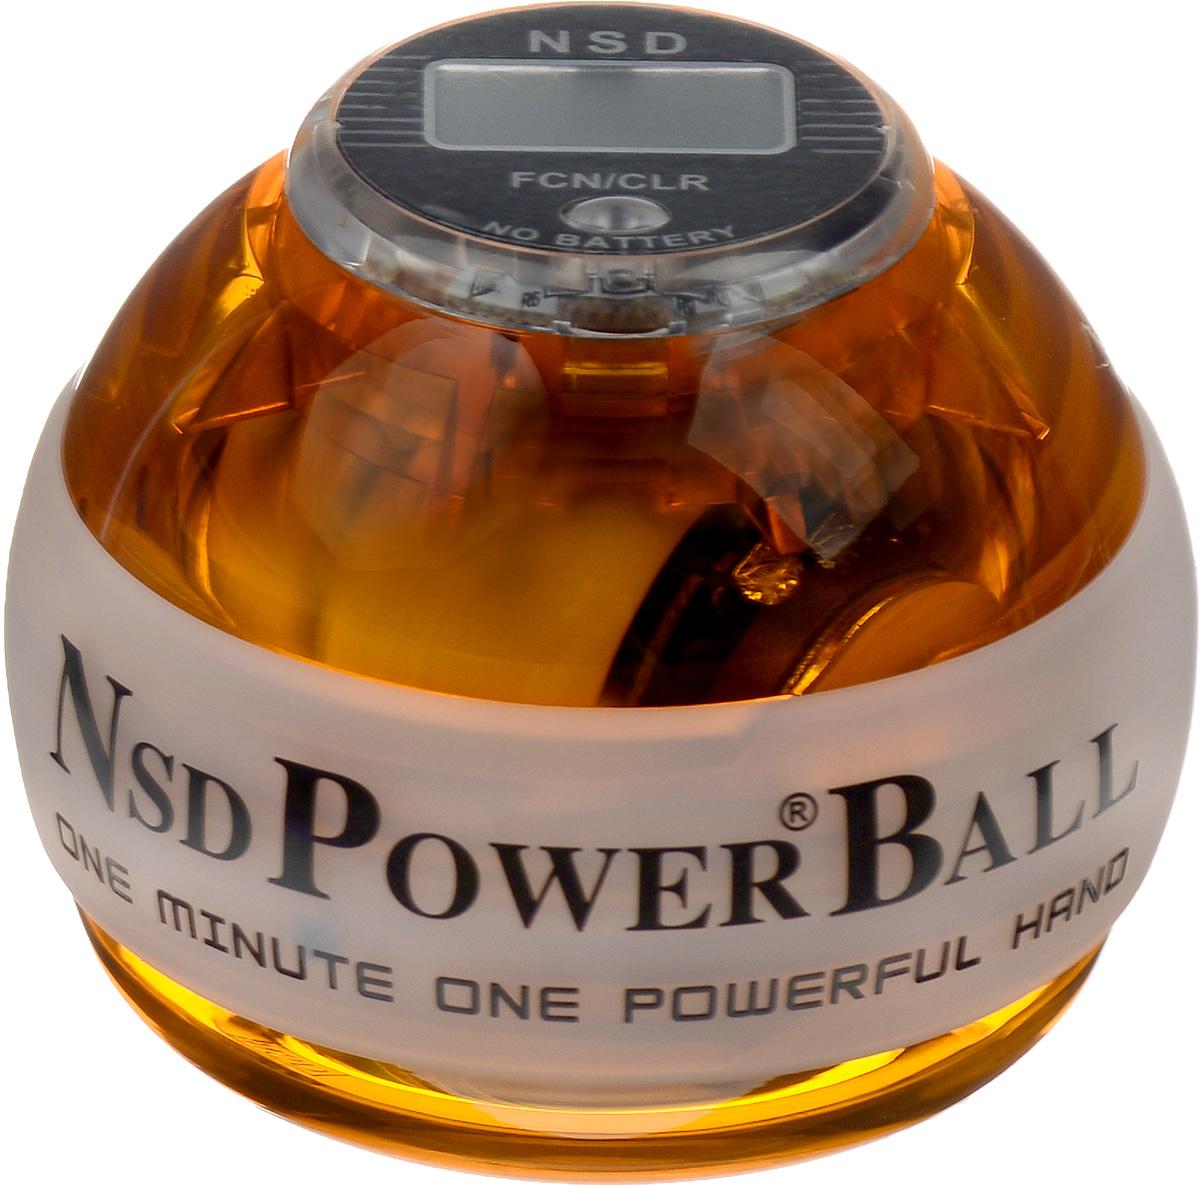 Тренажер кистевой NSD Power Powerball Neon Pro, цвет: оранжевыйPB-688LC AmberКистевой тренажер NSD Power Powerball Neon Pro - новая модель c счетчиком и подсветкой. Тренажер изготовлен из более прочного материала с системой защиты ротора, предотвращающей его повреждение при падении шара на твердую поверхность. Он будет служить вам очень долгое время. Также в эту модель внедрена система сменных колец для быстрого ремонта при повреждении. Новый счетчик со встроенным генератором работает без батареек. Прекрасно отрегулированный ротор тренажера с отличным балансом может достигать скорости вращения до 15000 оборотов в минуту. В комплект входят инструкция по использованию и два шнурка для раскрутки. Стильный тренажер для кисти рук, который можно использовать в любую свободную минуту. Упражнения, проделываемые регулярно, обеспечат отличную тренировку рук, разработку кисти после травмы у спортсменов и не только. Размер тренажера: 7 х 8 см.